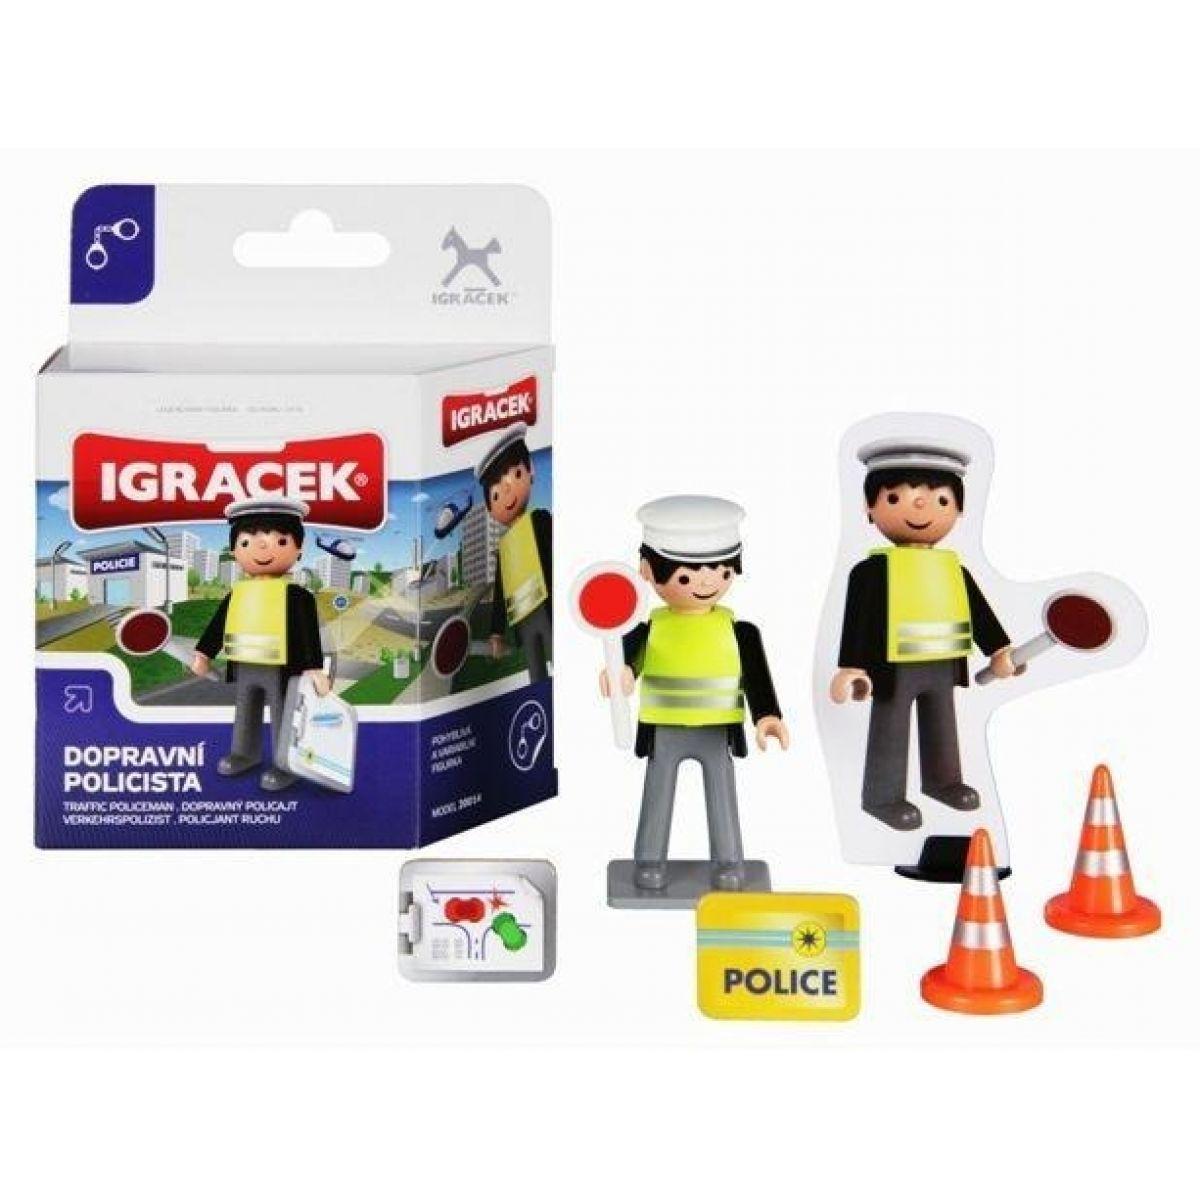 Igráček Dopravní policista mini